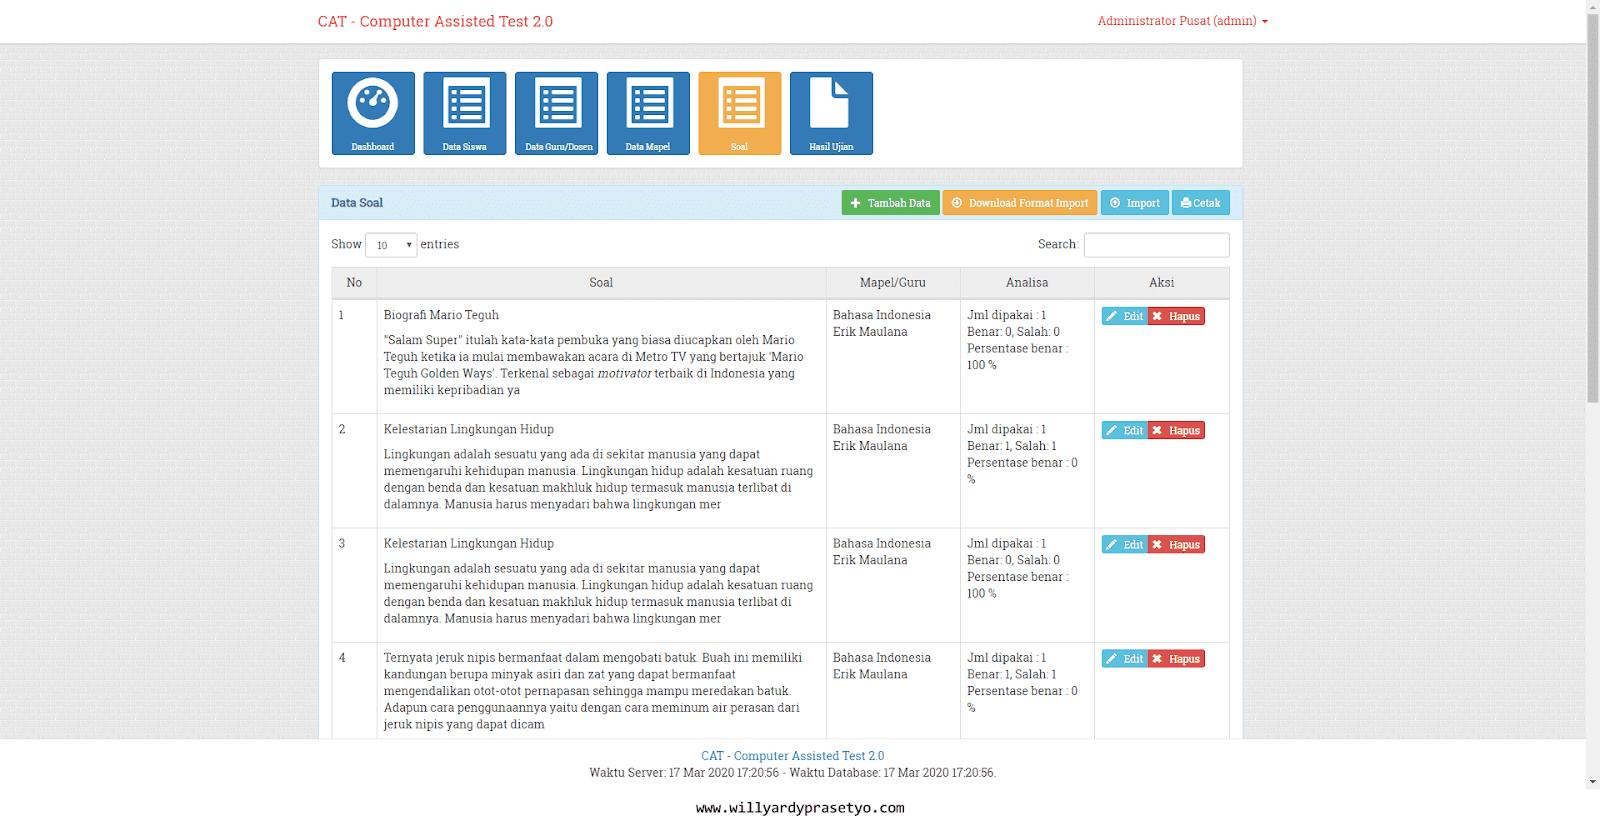 Aplikasi Ujian CAT Berbasis Web (Codeigniter)